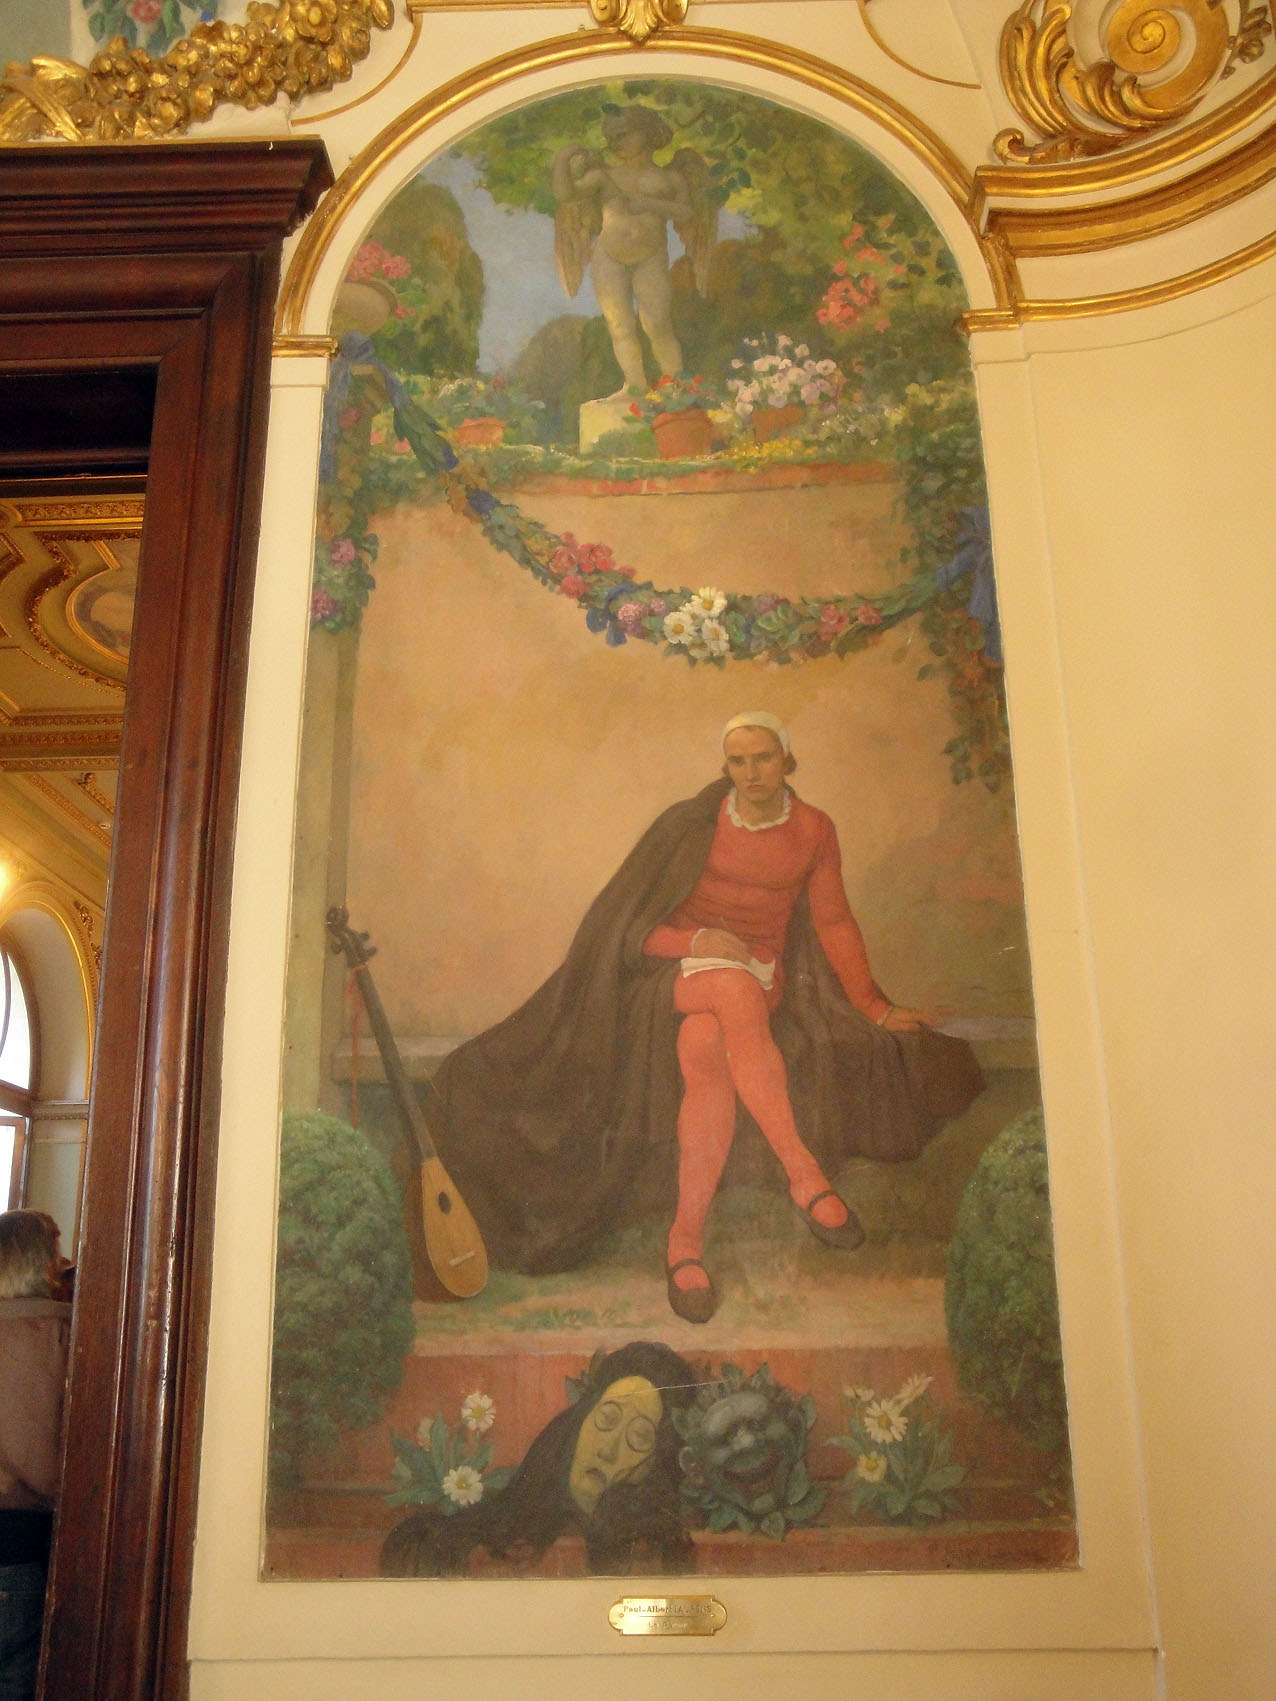 07.09.2011 Pintura localitzada a l'interior del Capitoli. En aquesta, no podia faltar la representació del poeta.  Tolosa del Llenguadoc -  Jordi Bibià